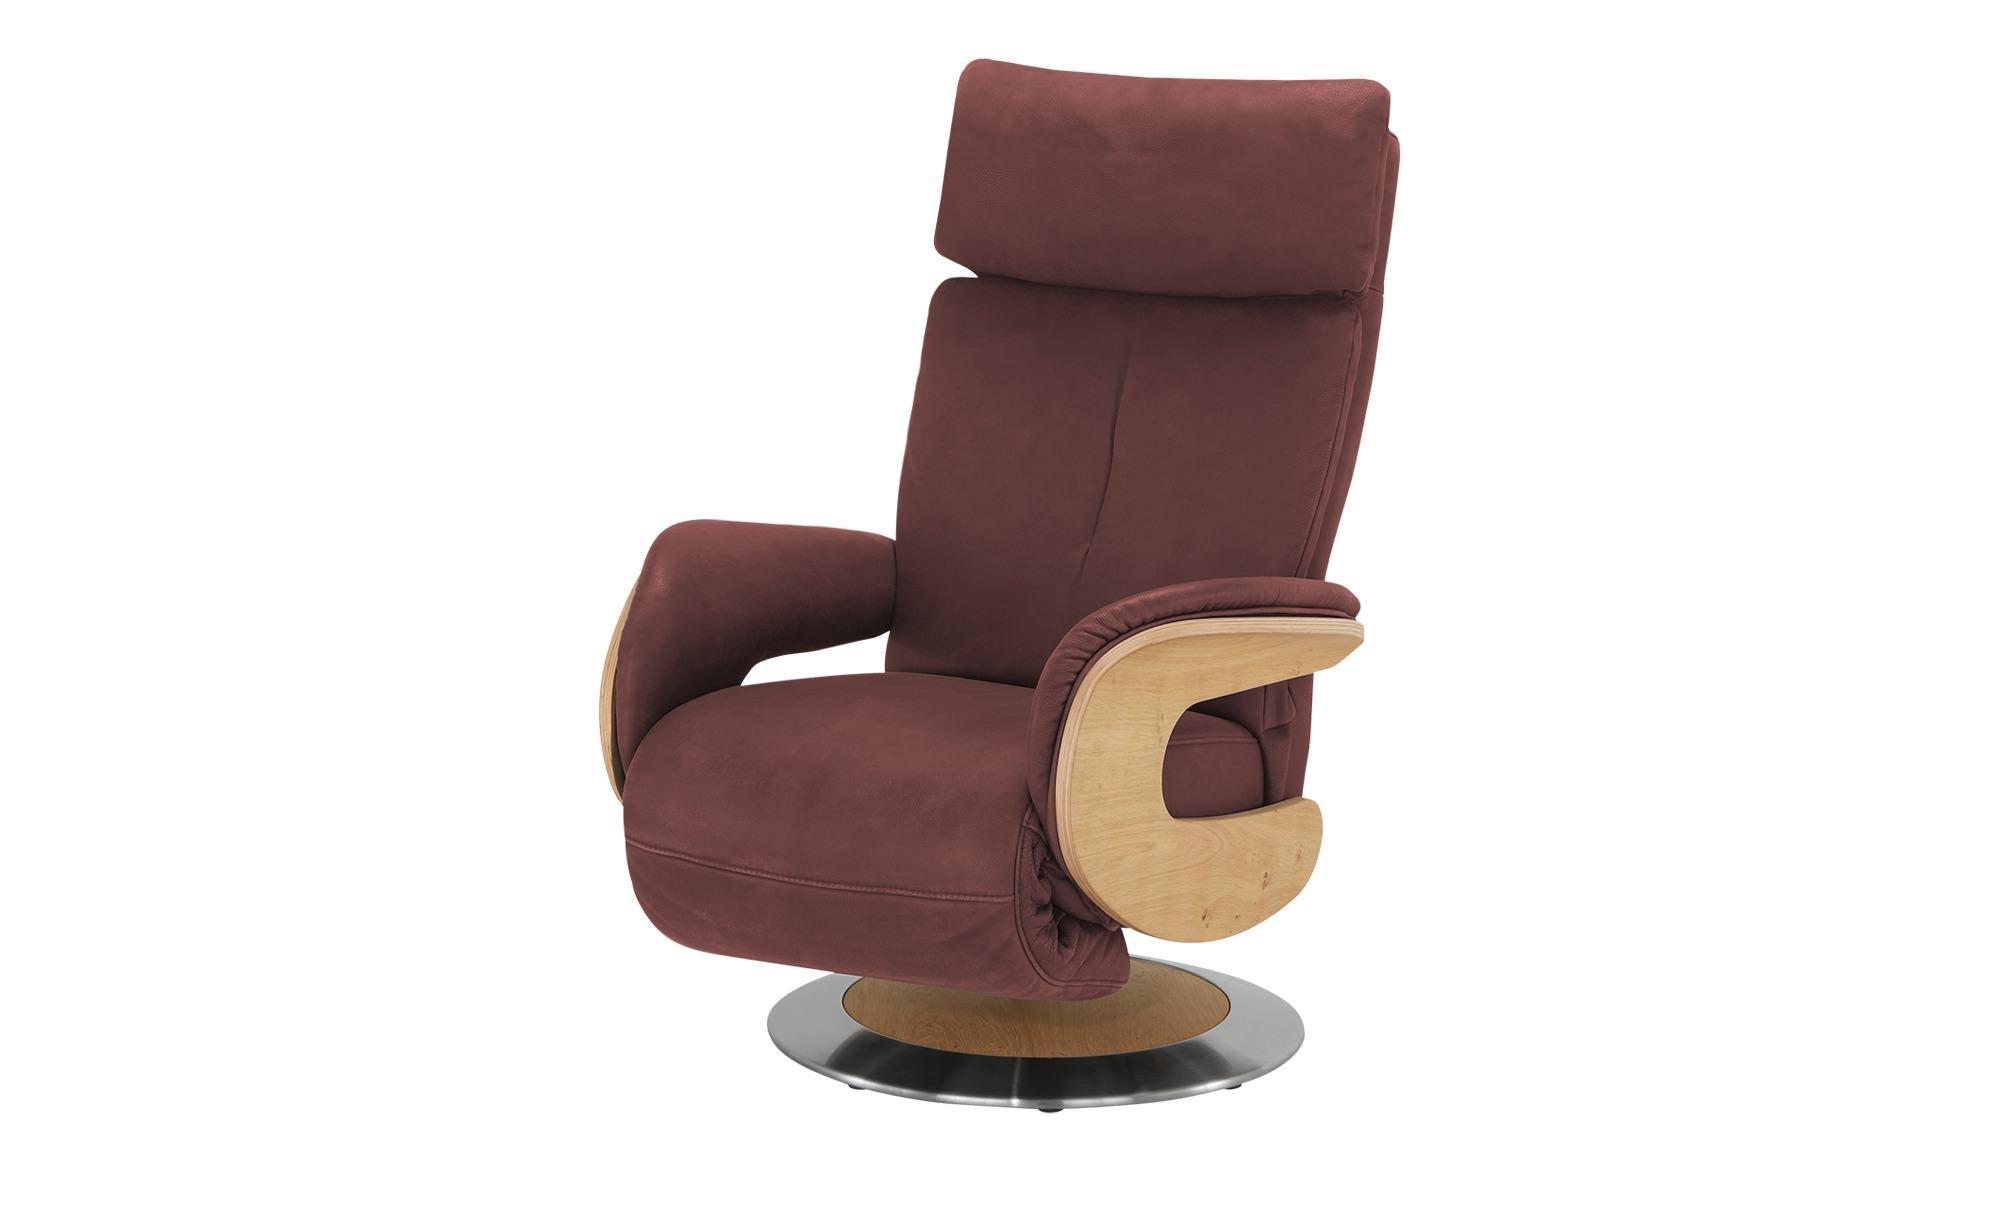 himolla Funktionssessel Leder  7818 ¦ rot ¦ Maße (cm): B: 75 H: 112 T: 87 Polstermöbel > Sessel > Fernsehsessel - Höffner